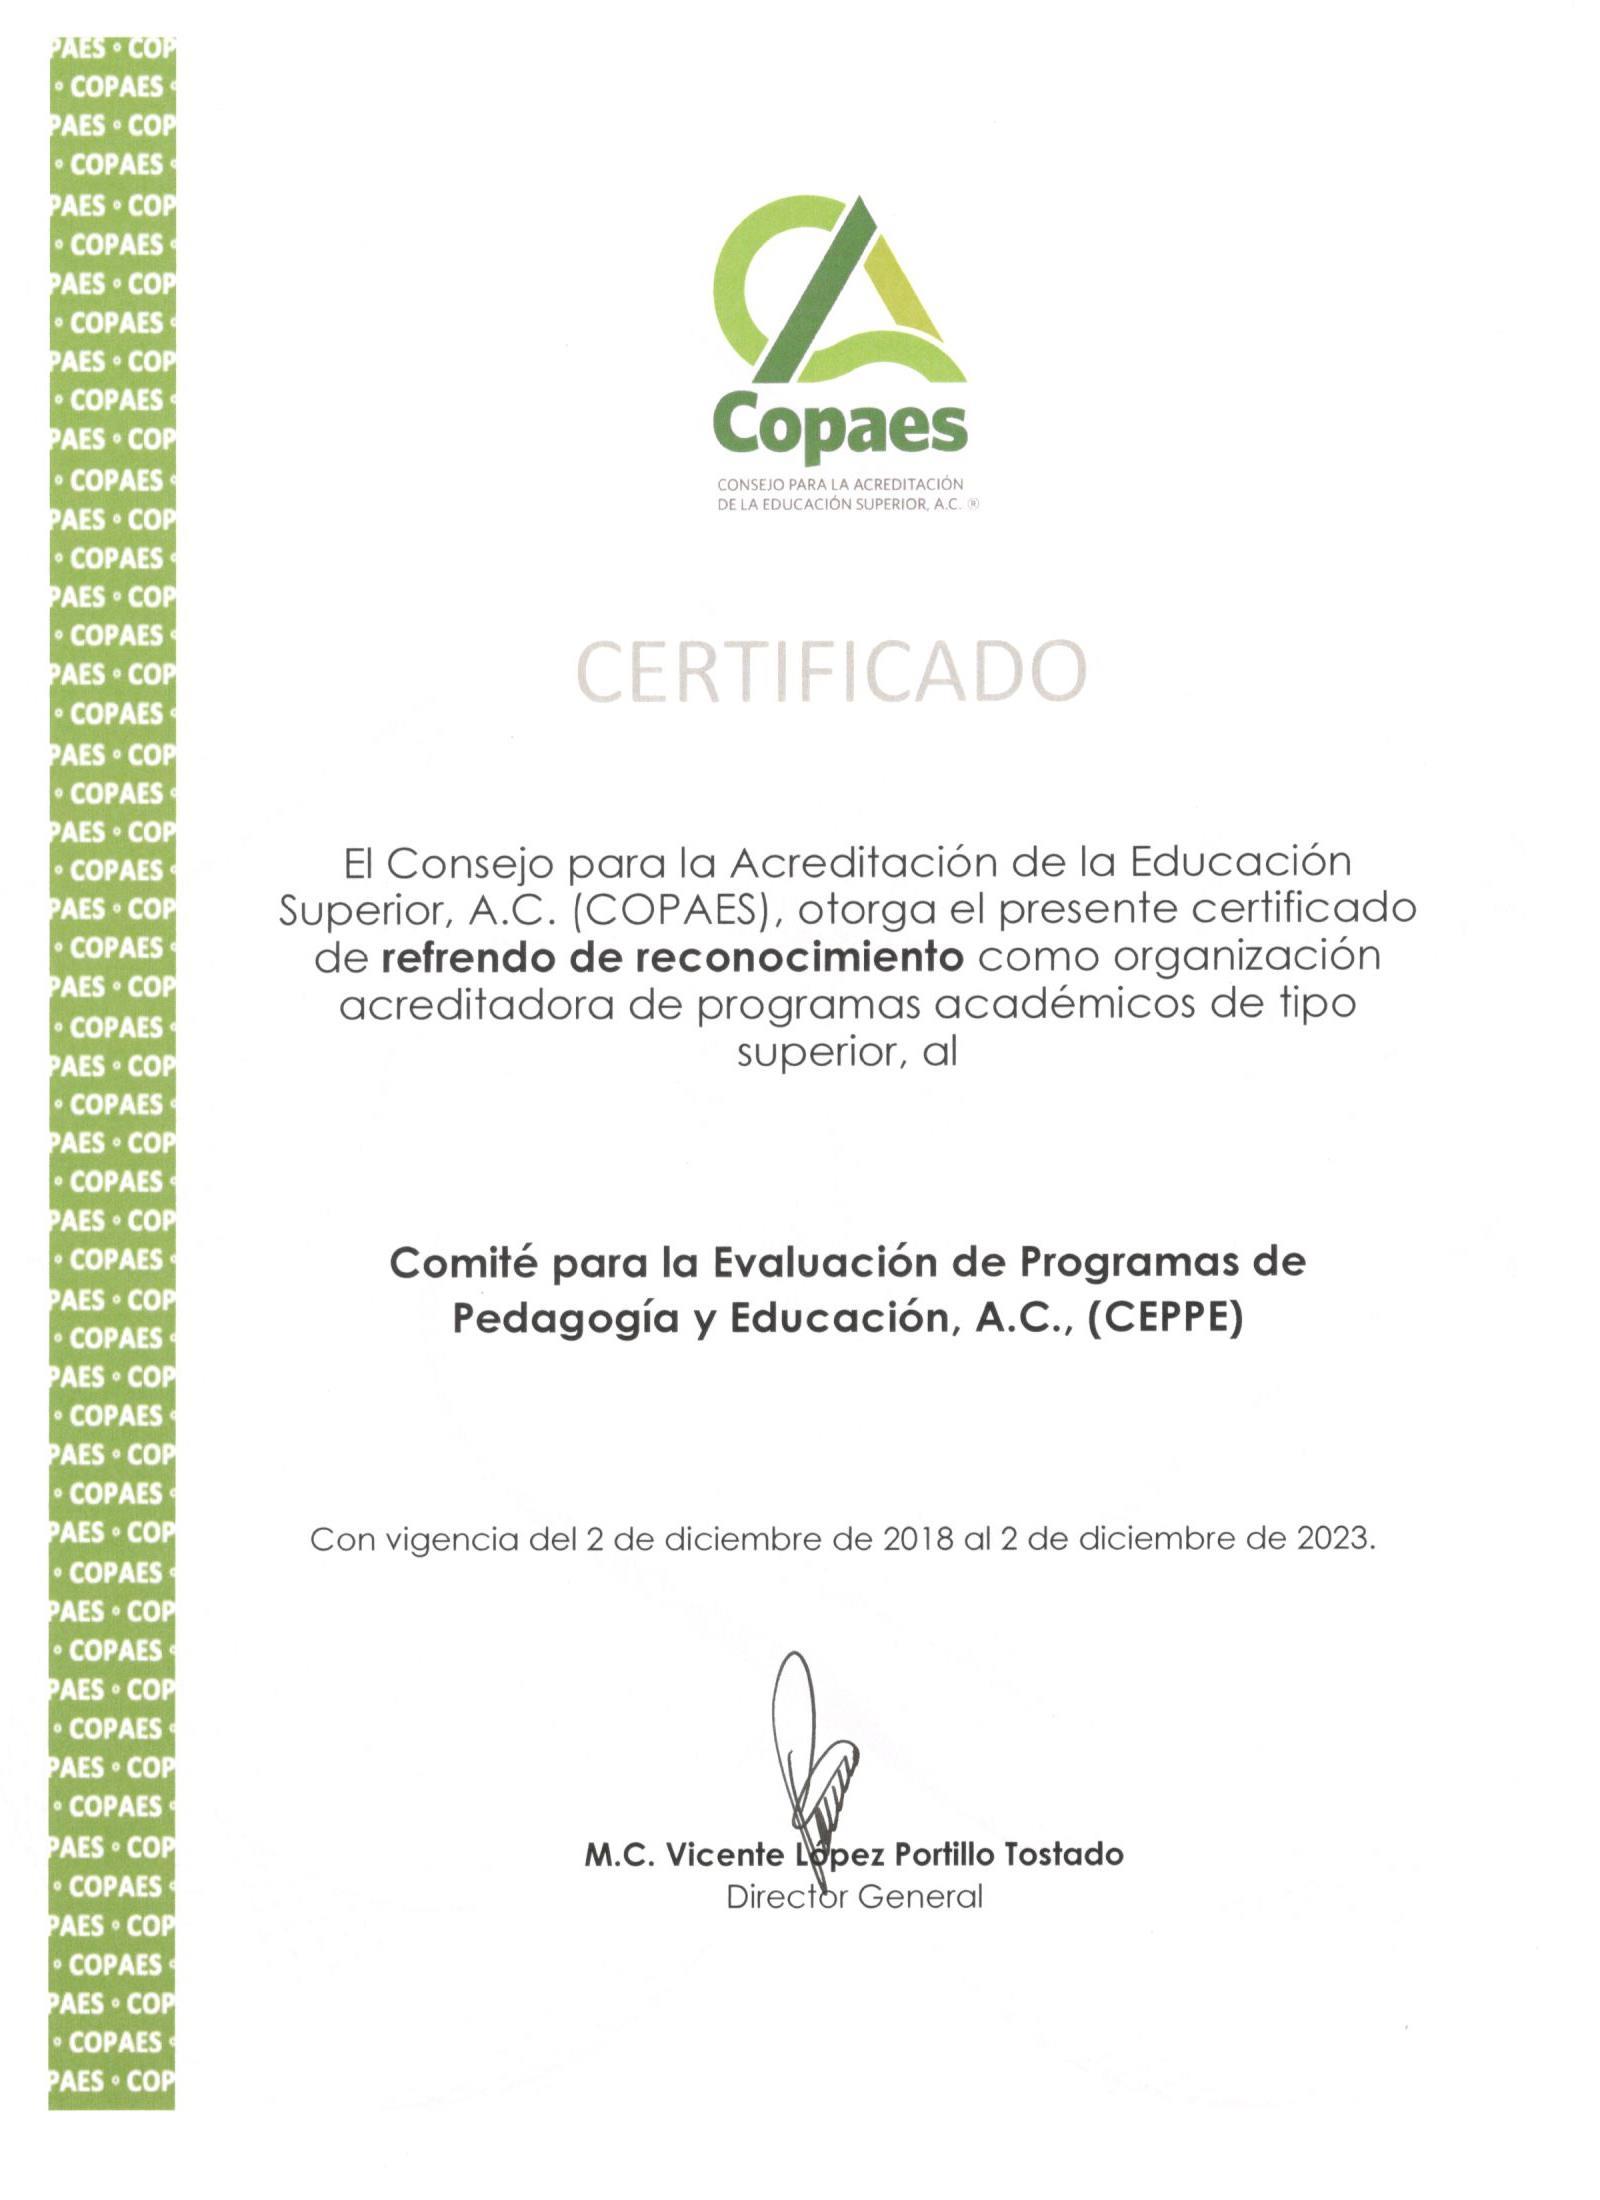 El COPAES entrega el certificado de refrendo de reconocimiento al CEPPE